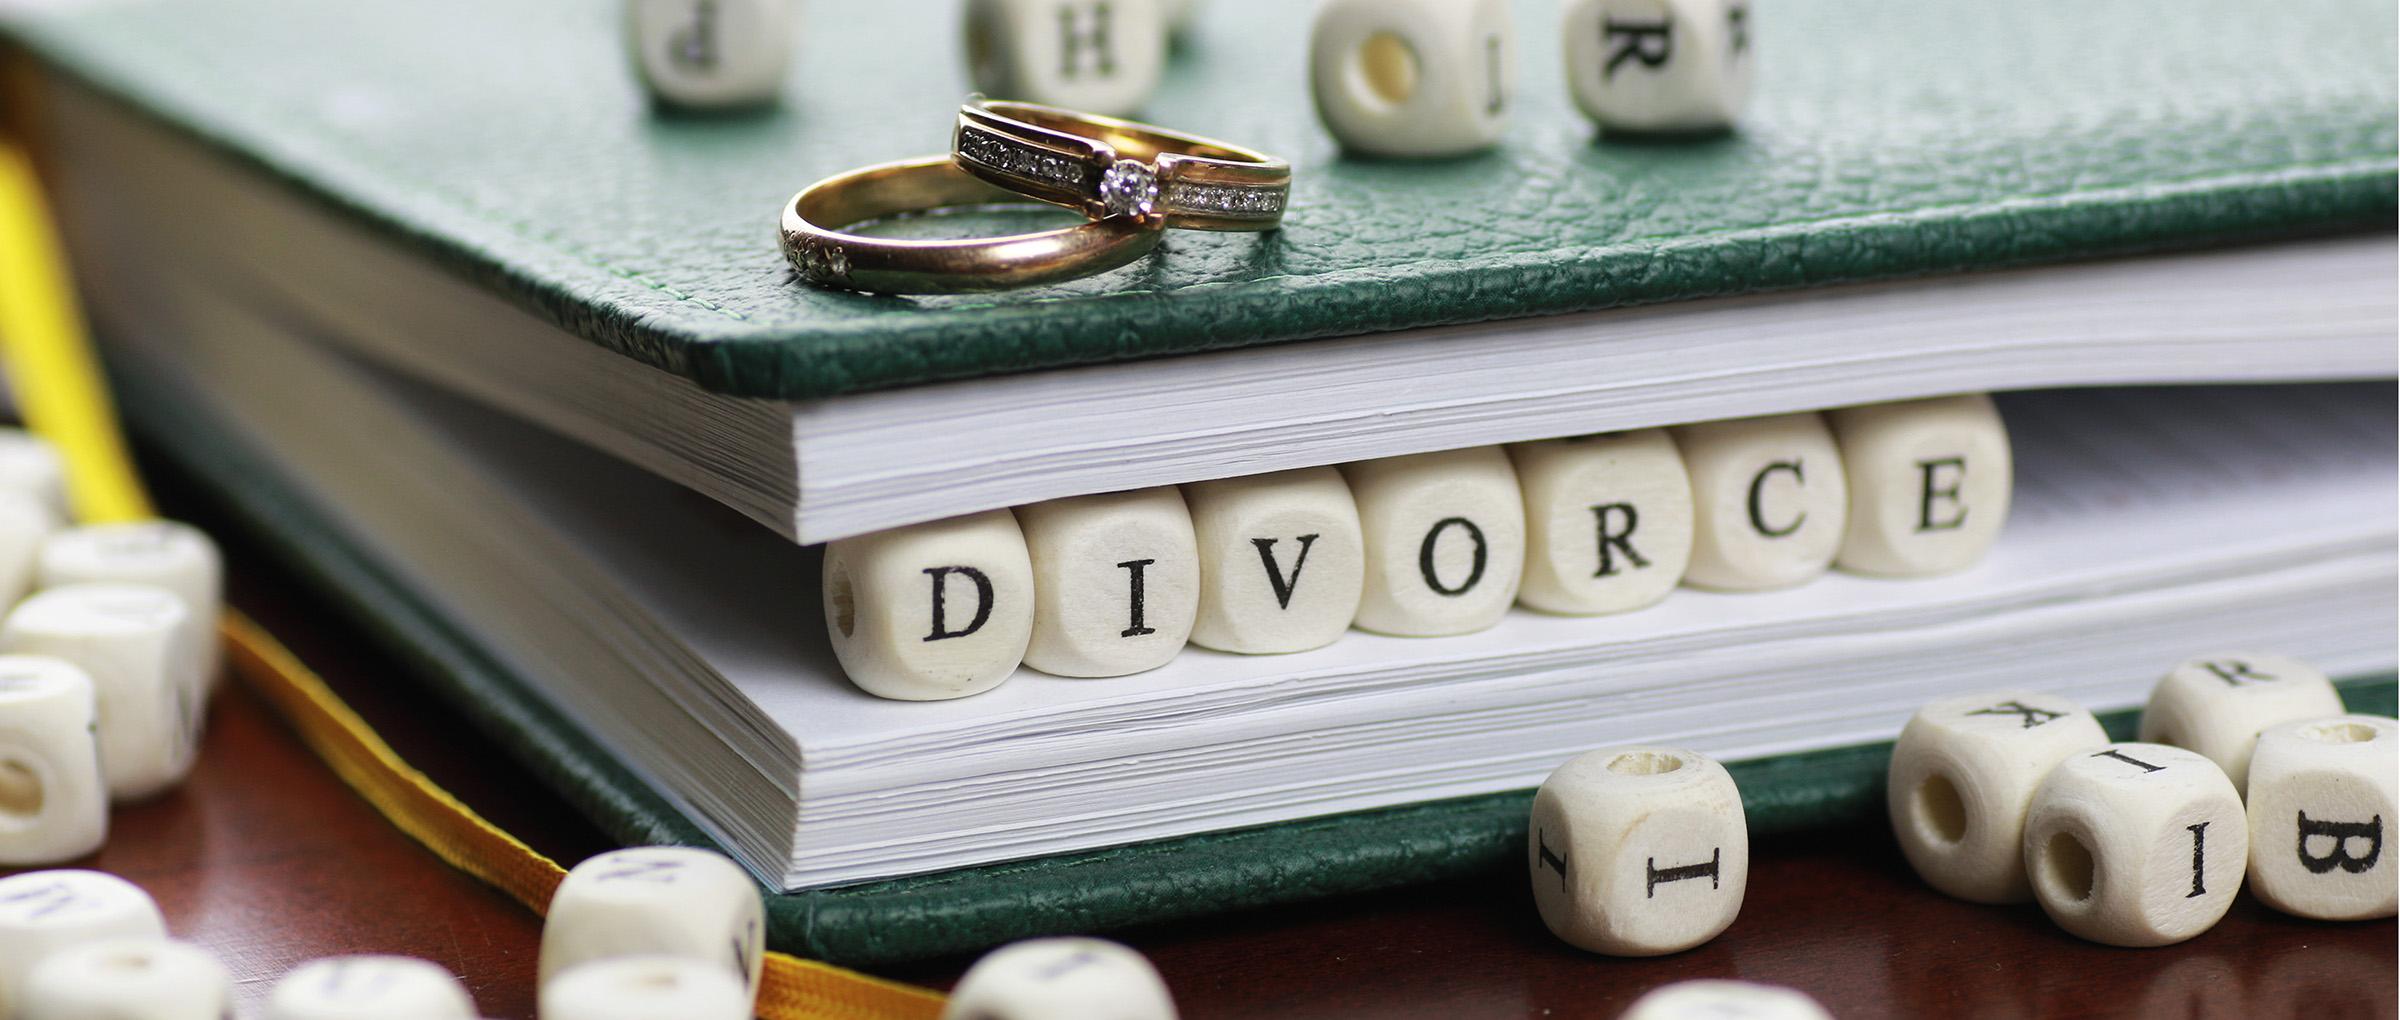 Divorcio en gestación subrogada